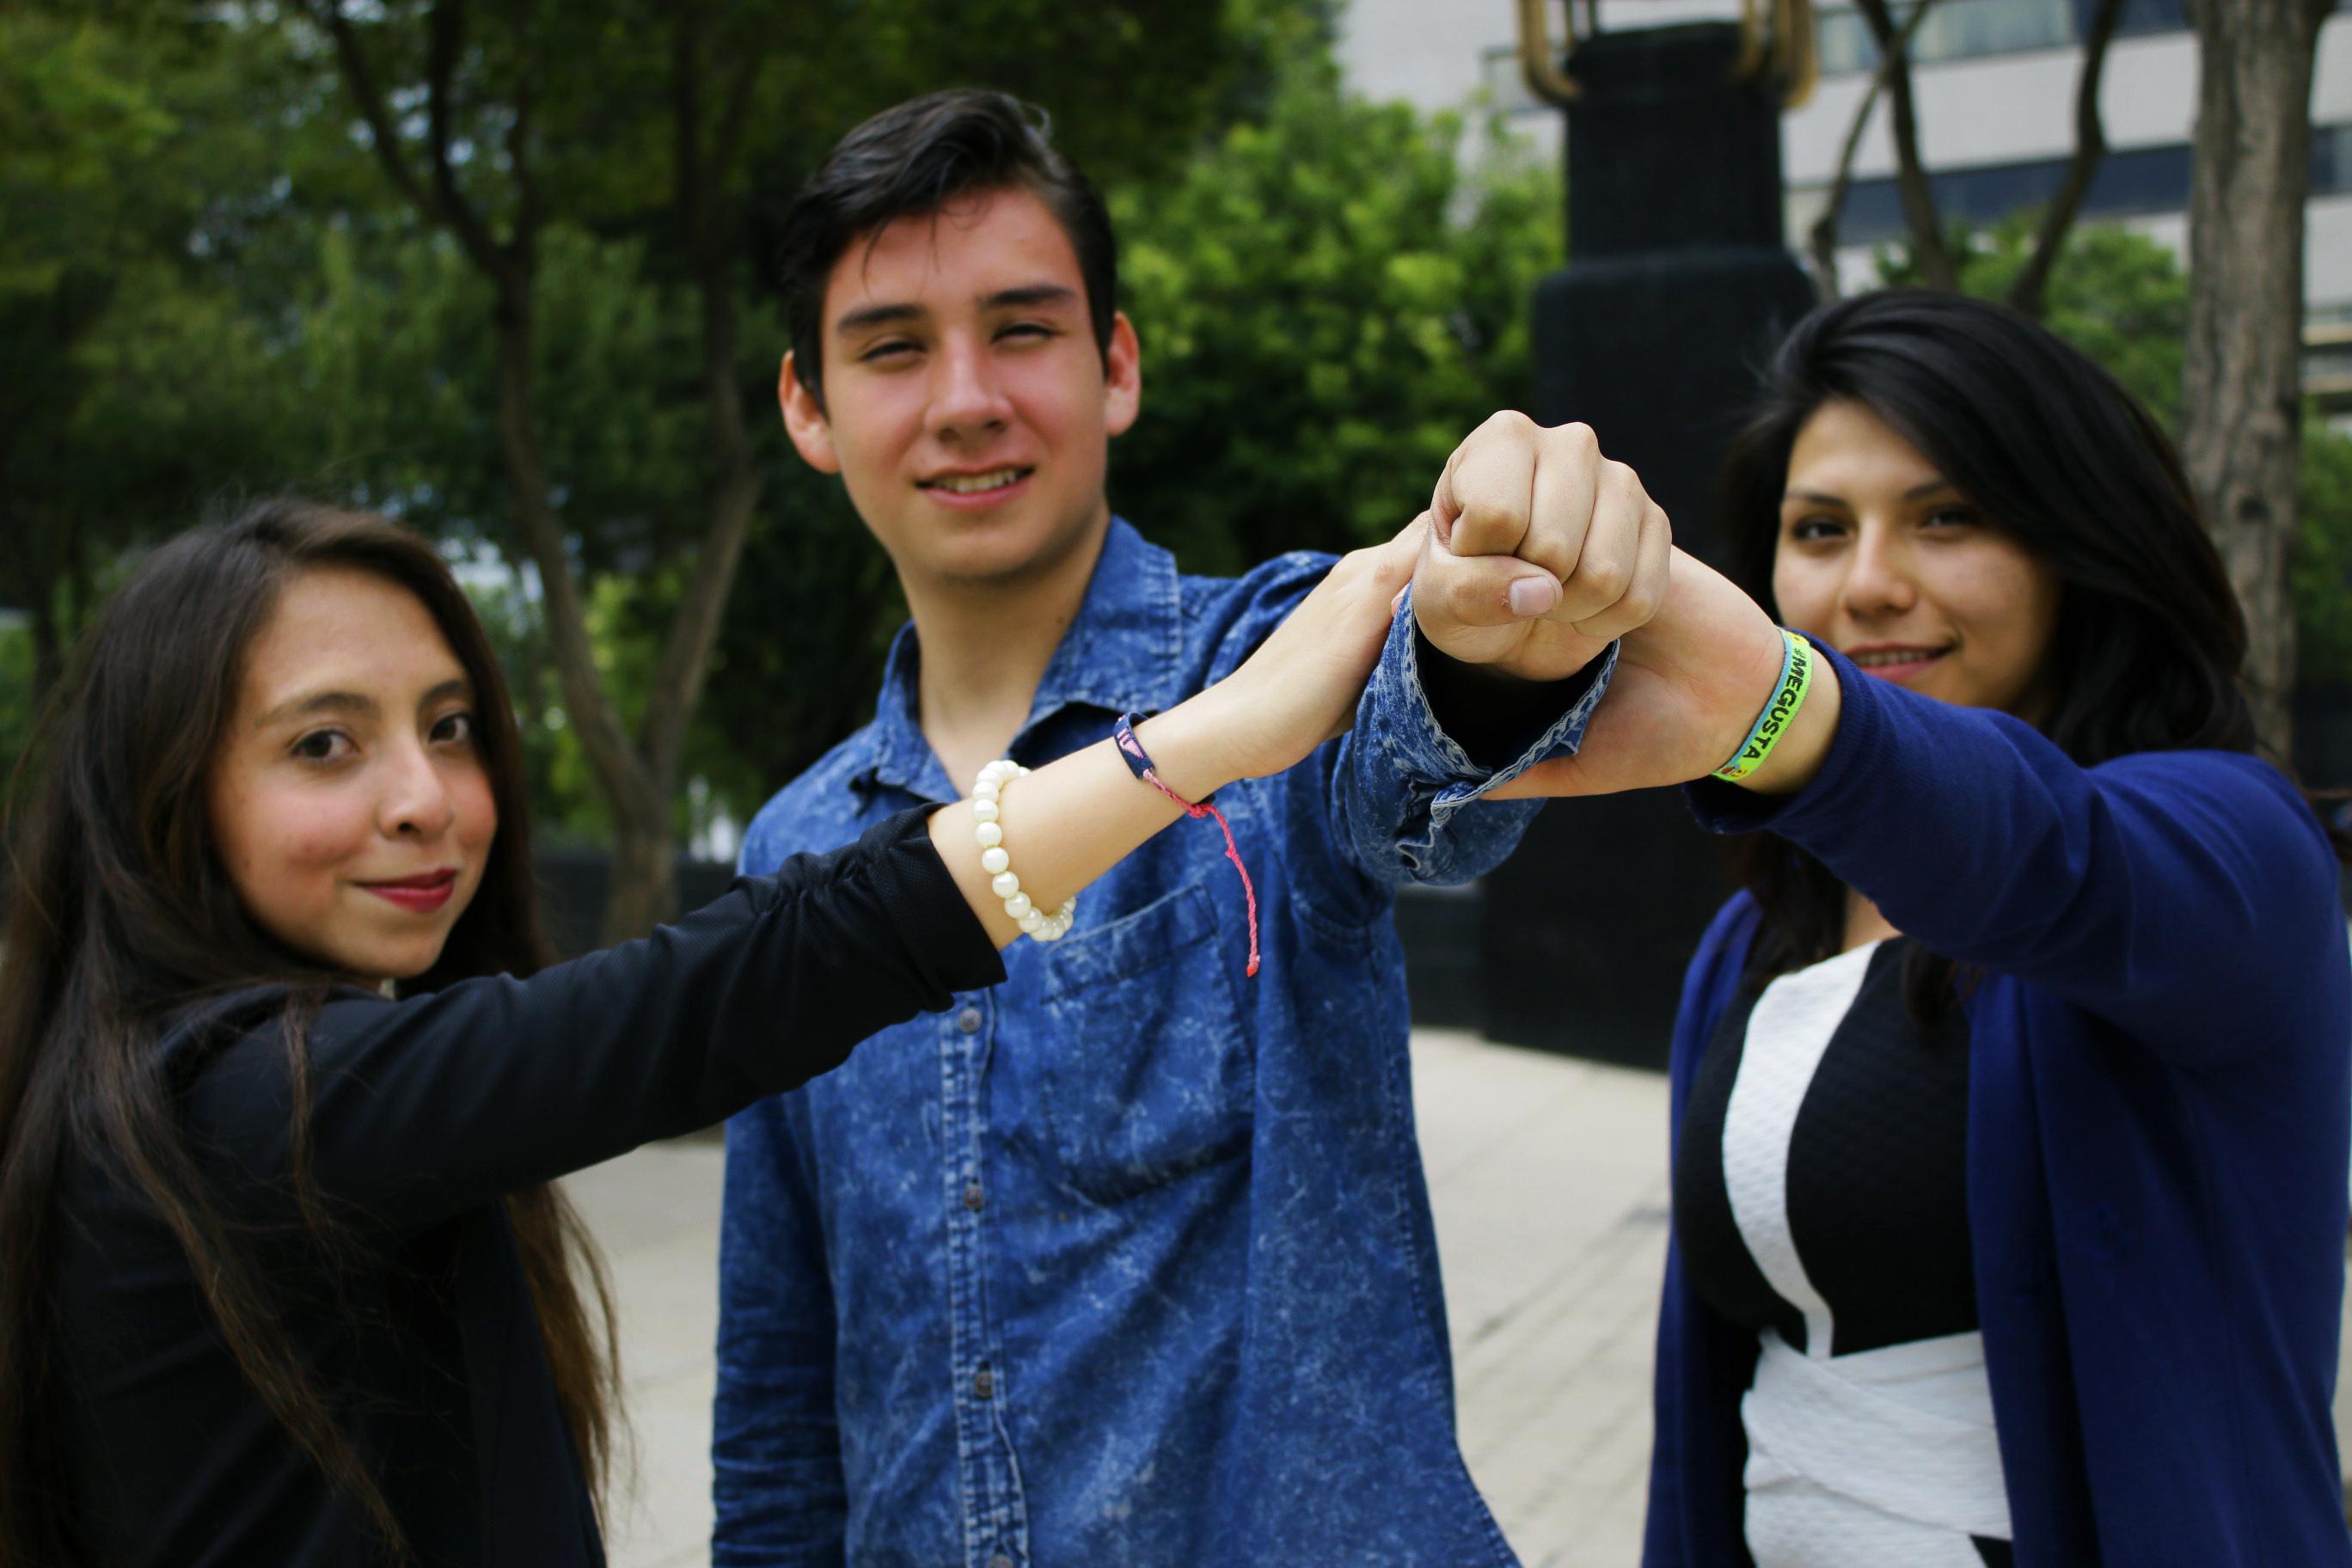 Jóvenes en lucha de la diversidad uniendo sus manos